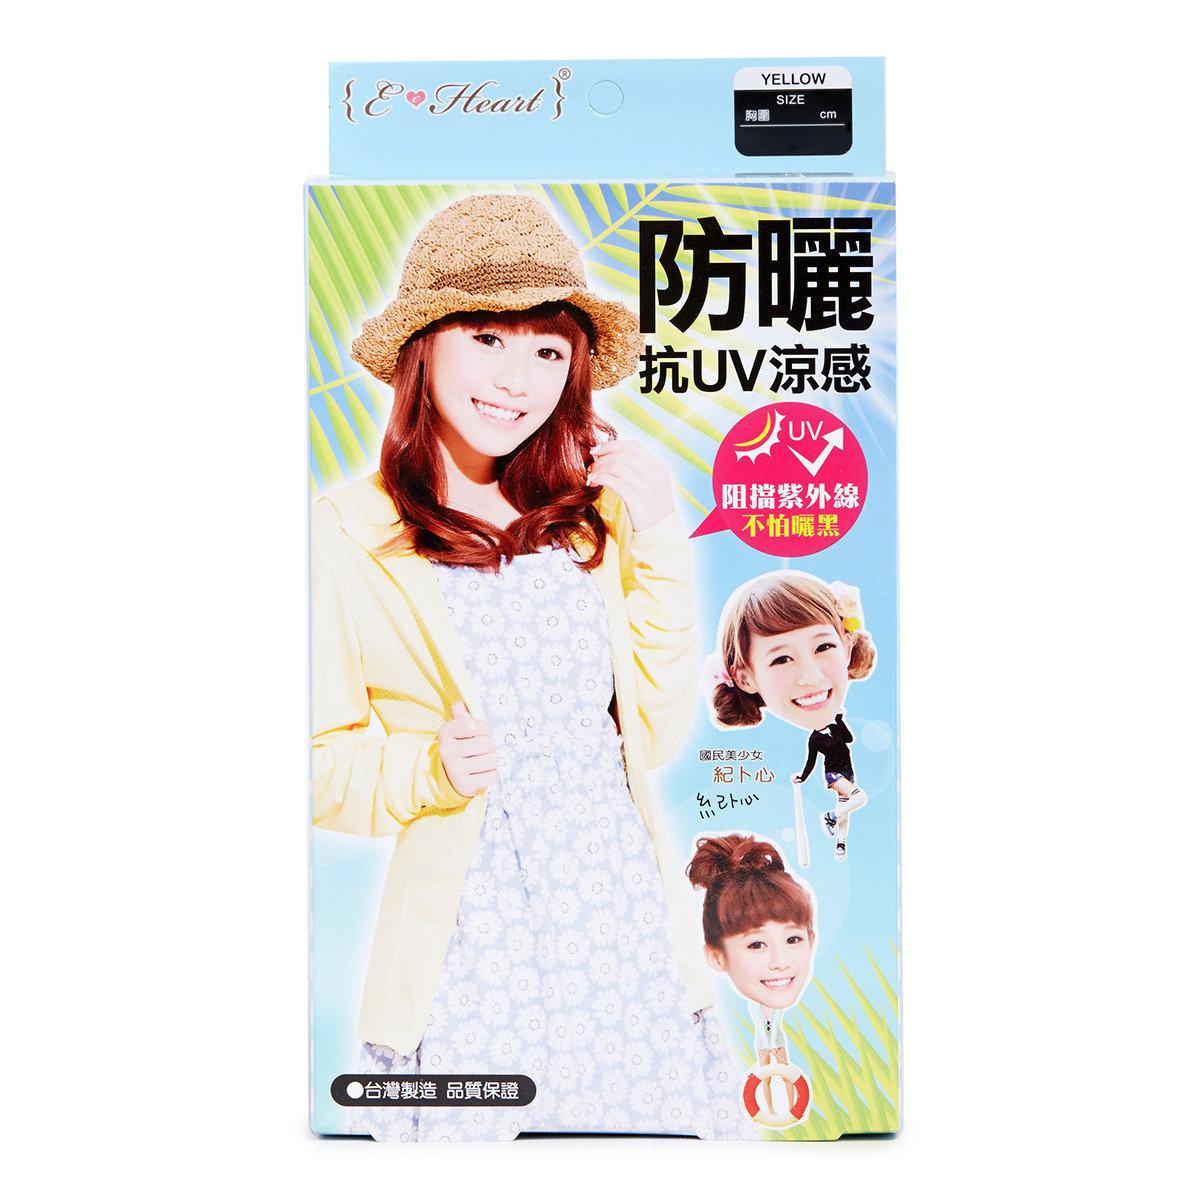 高透氣抗UV防曬外套(涼感顯瘦款-黃